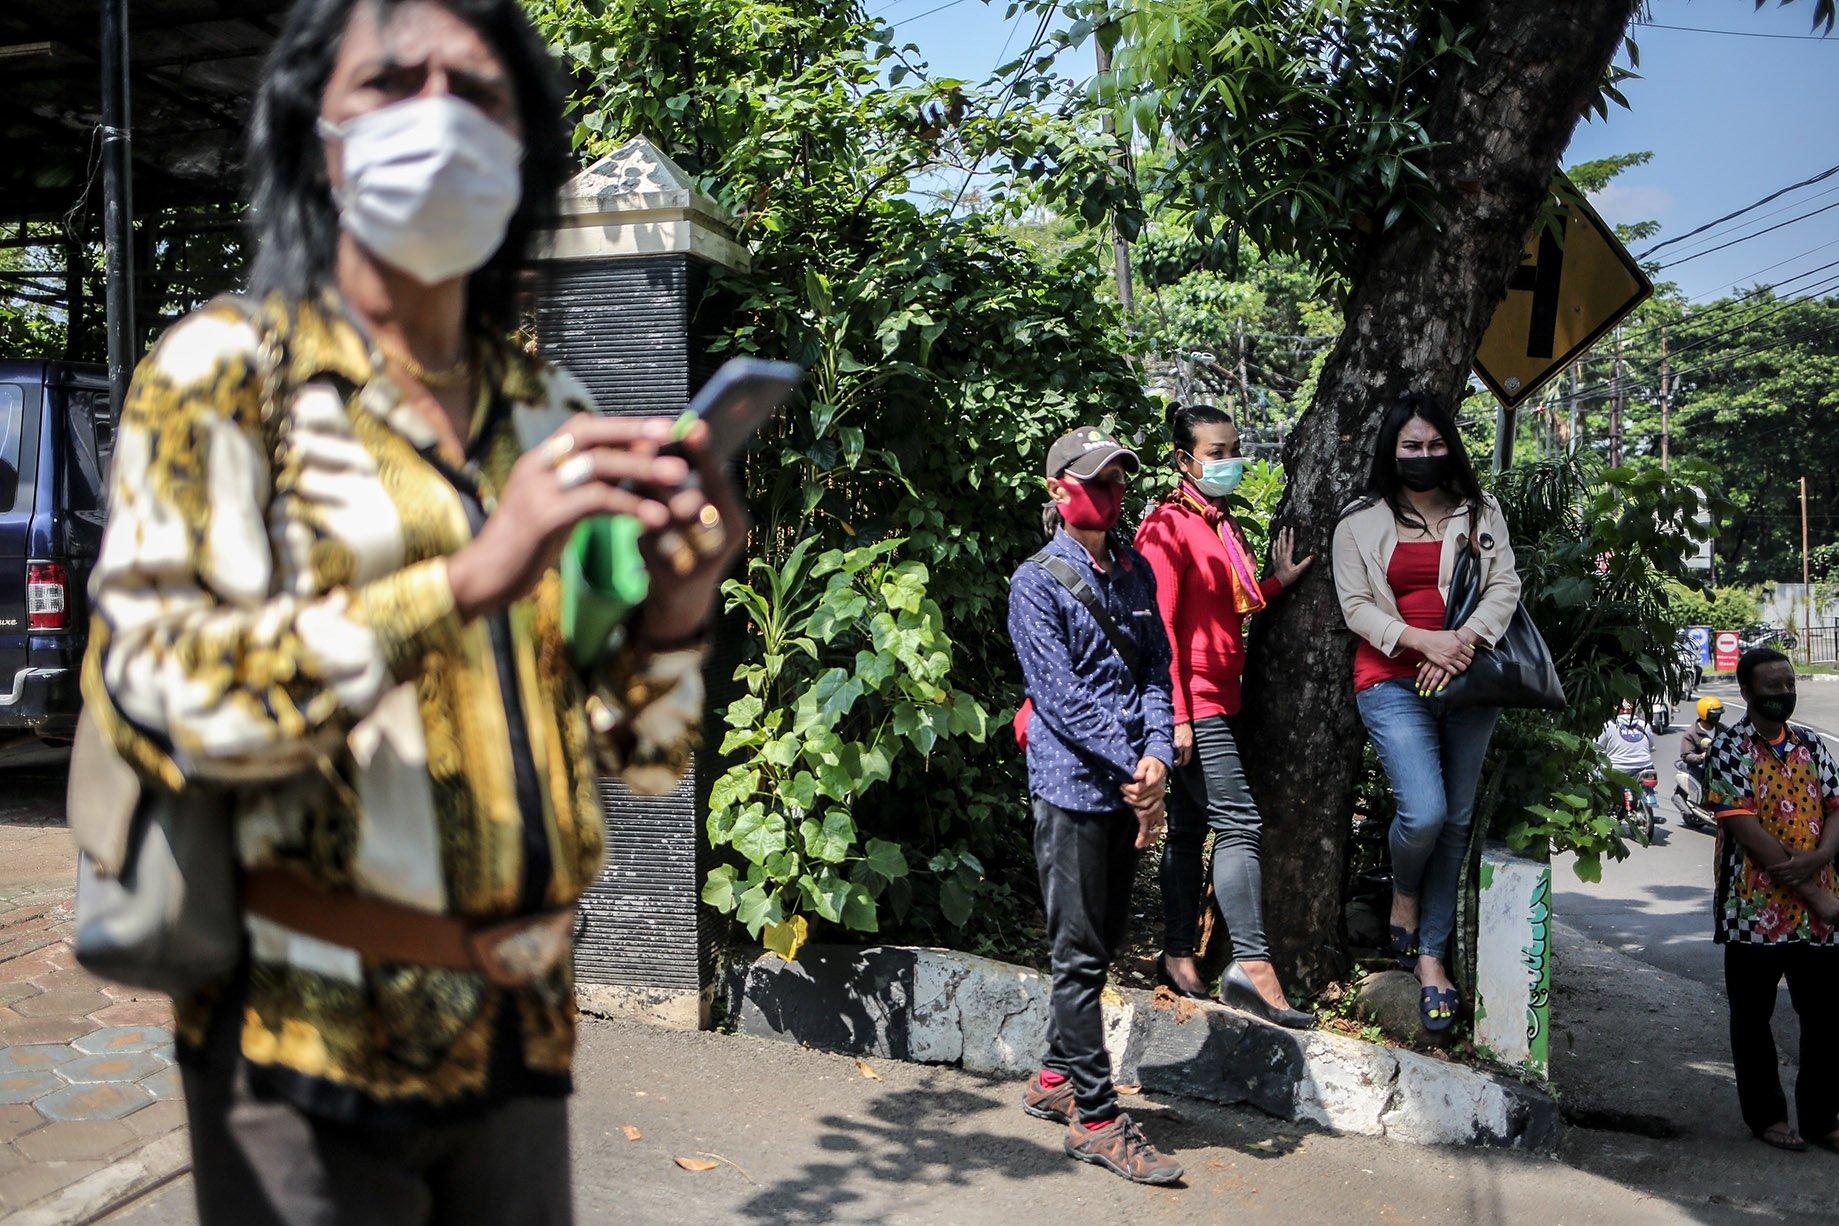 Sejumlah transpuan menunggu taksi usai membuat KTP Elektronik di Kantor Kelurahan Cilandak Barat, Jakarta Selatan, Jakarta, Kamis (16/9/2021). KTP elektronik bagi transgender perempuan (transpuan) agar mereka bisa mendapatkan pelayanan publik seperti jaminan sosial, kesehatan, hingga pendidikan.